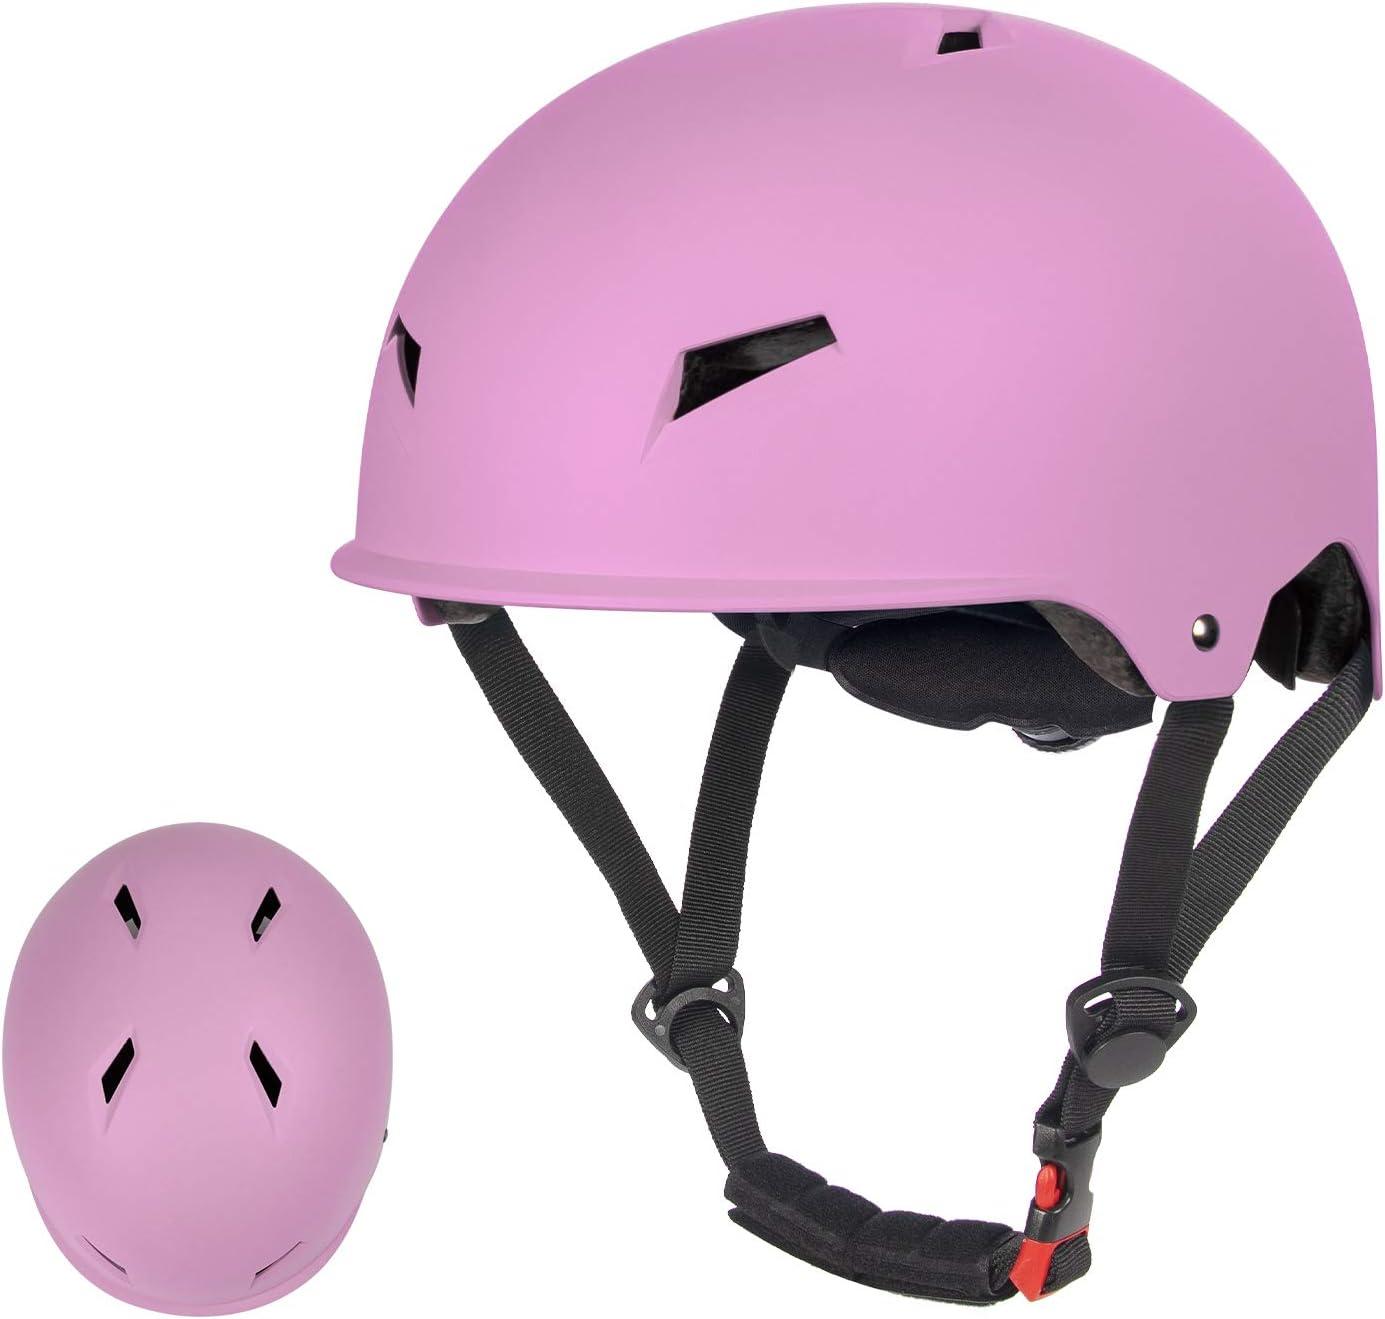 Today's only Kids Bike Attention brand Helmet Adult Skateboard Men Multi-S Women for